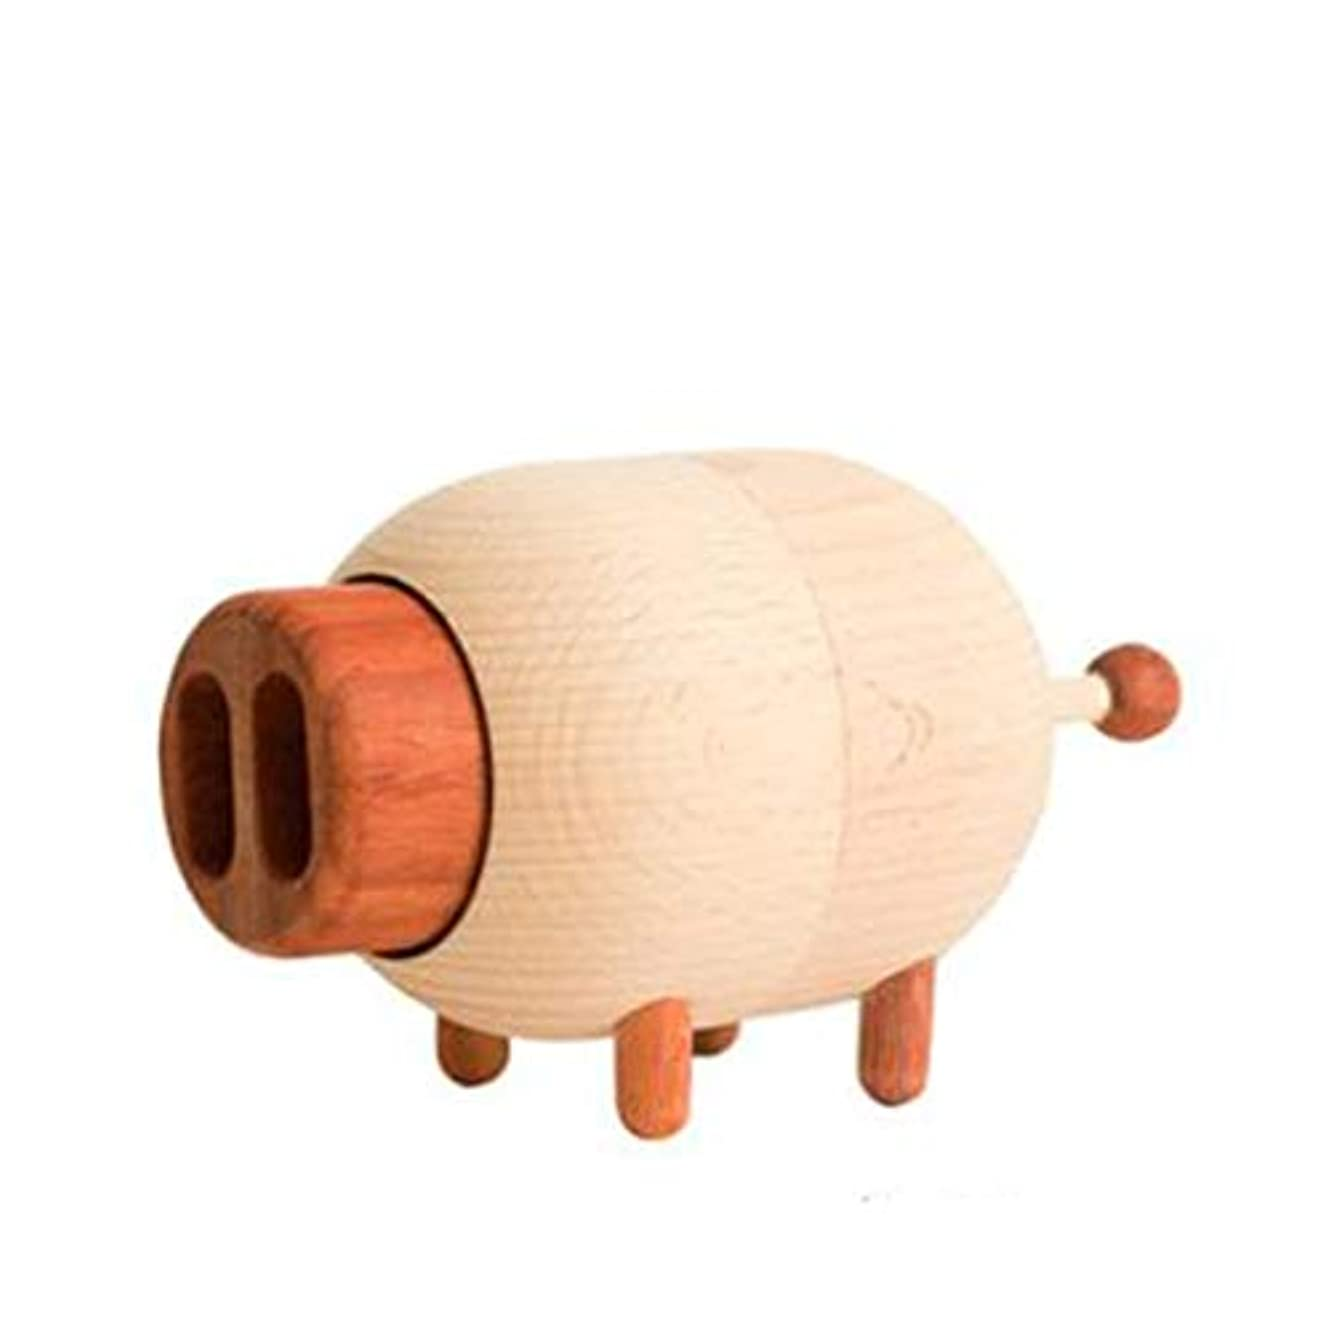 致命的な甘味ウィスキーQiyuezhuangshi ギフト豚オルゴールスカイシティオルゴール木製回転クリエイティブ送信女の子カップル誕生日ギフト,美しいホリデーギフト (Style : Pig)